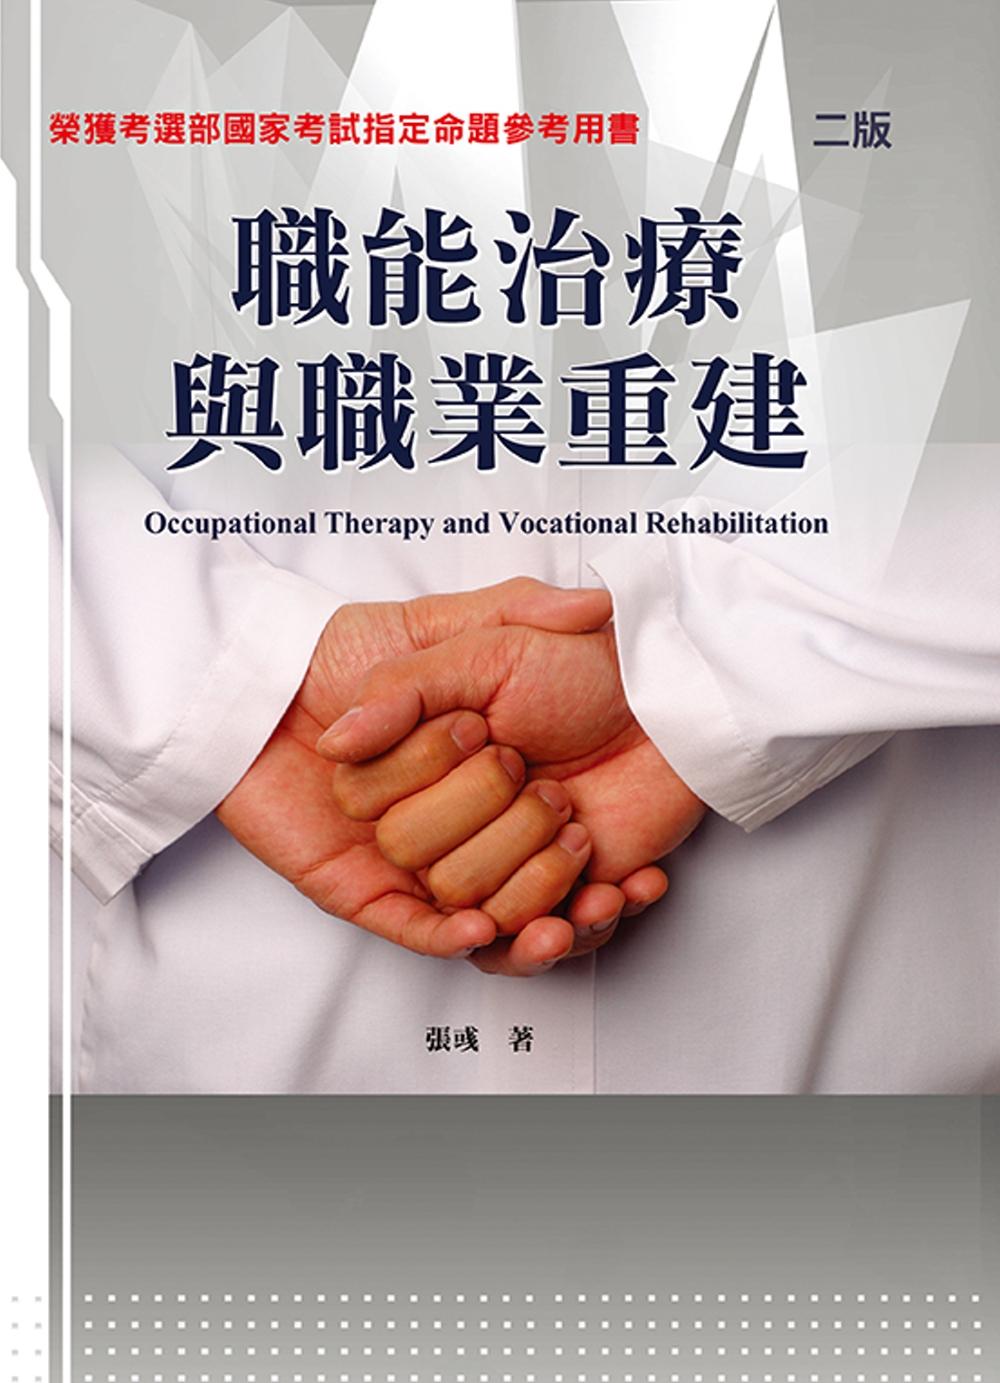 職能治療與職業重建(二版)